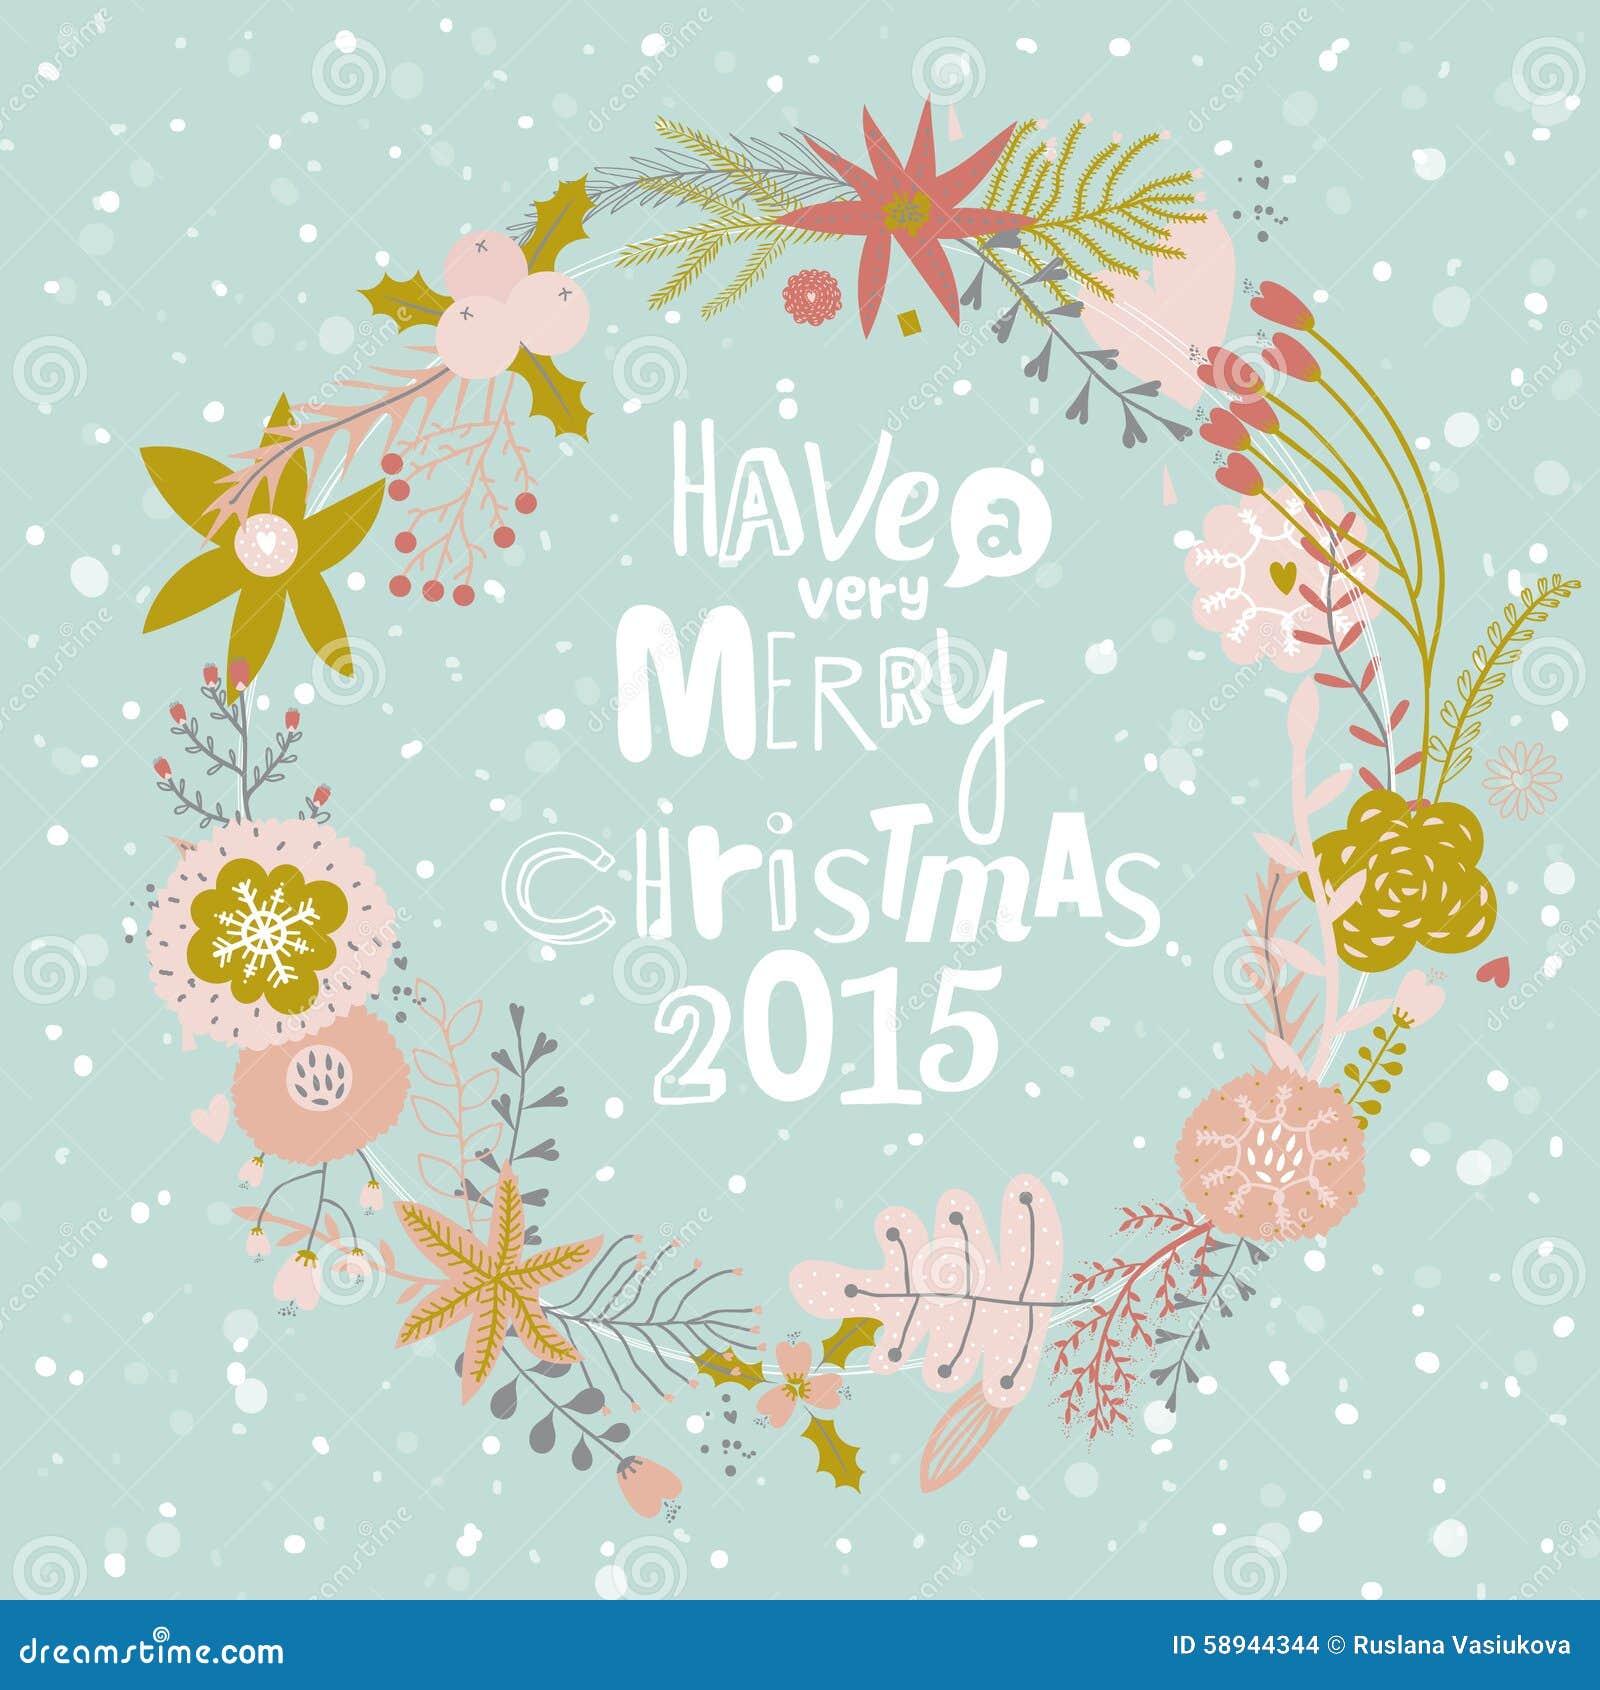 Deseos de la navidad y elementos caligr ficos del invierno - Deseos para la navidad ...